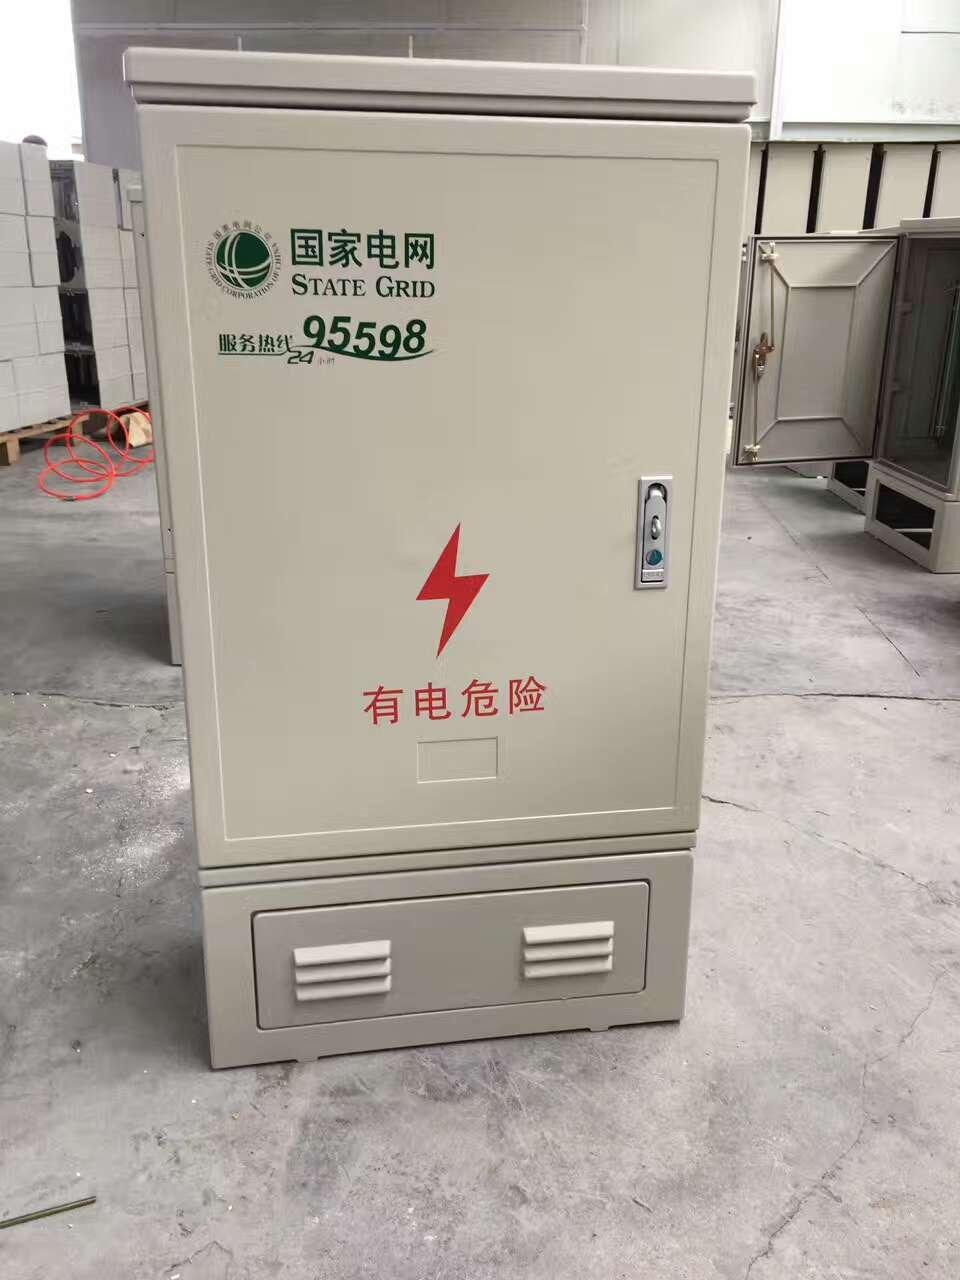 玻璃钢电箱 配电箱 变频箱 电箱 电缆分支箱 电表箱 成套图片